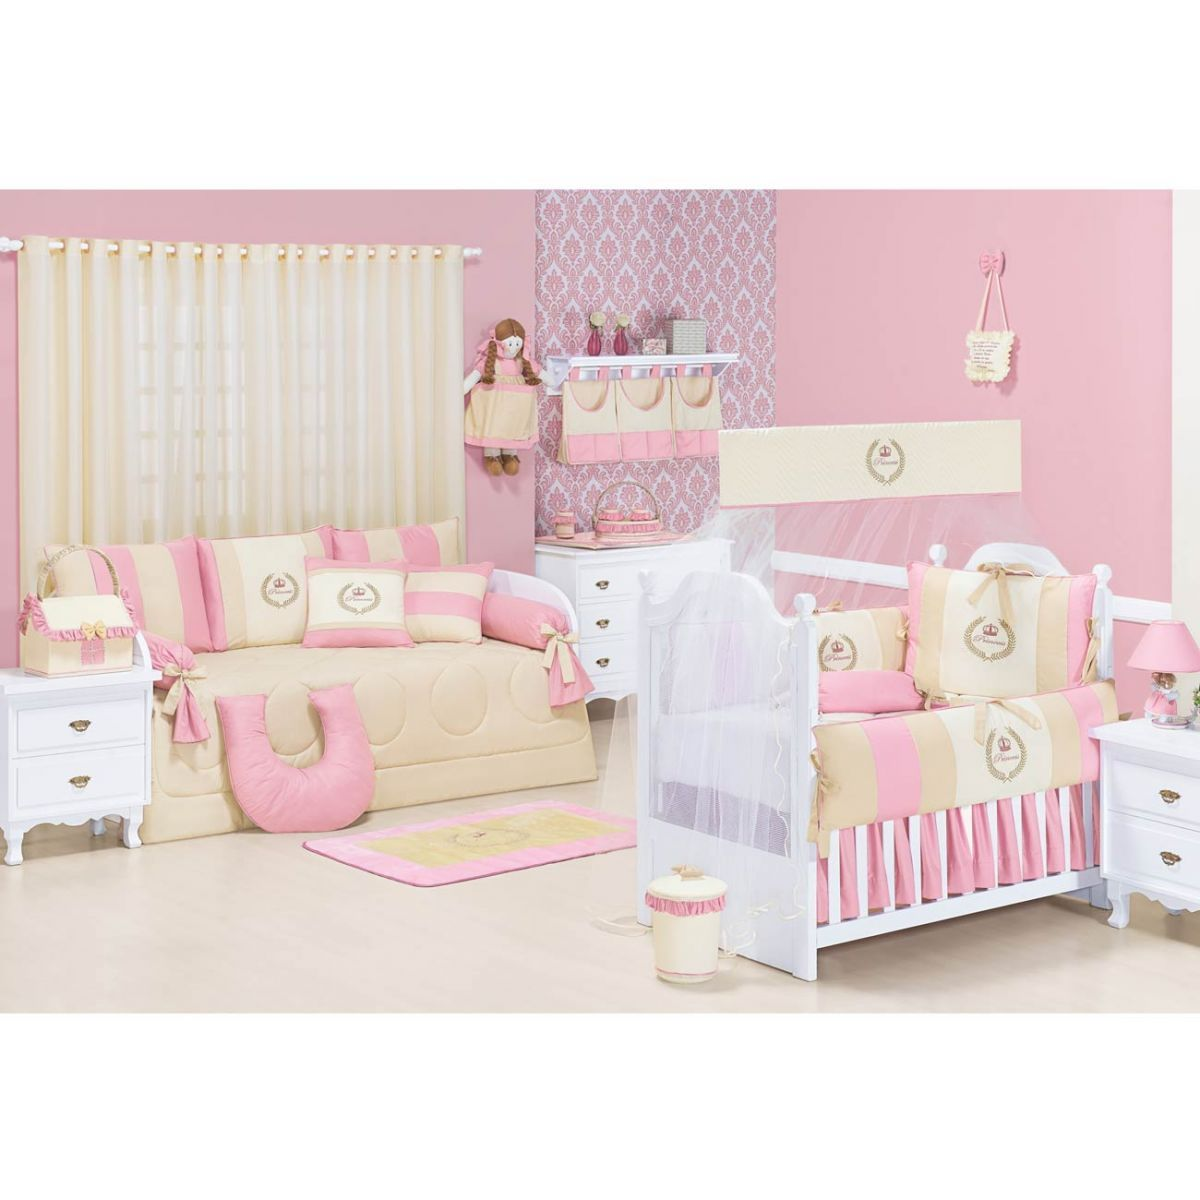 Farmacinha Enfeitada p/ Quarto de Bebê - Coleção My Princess Rose